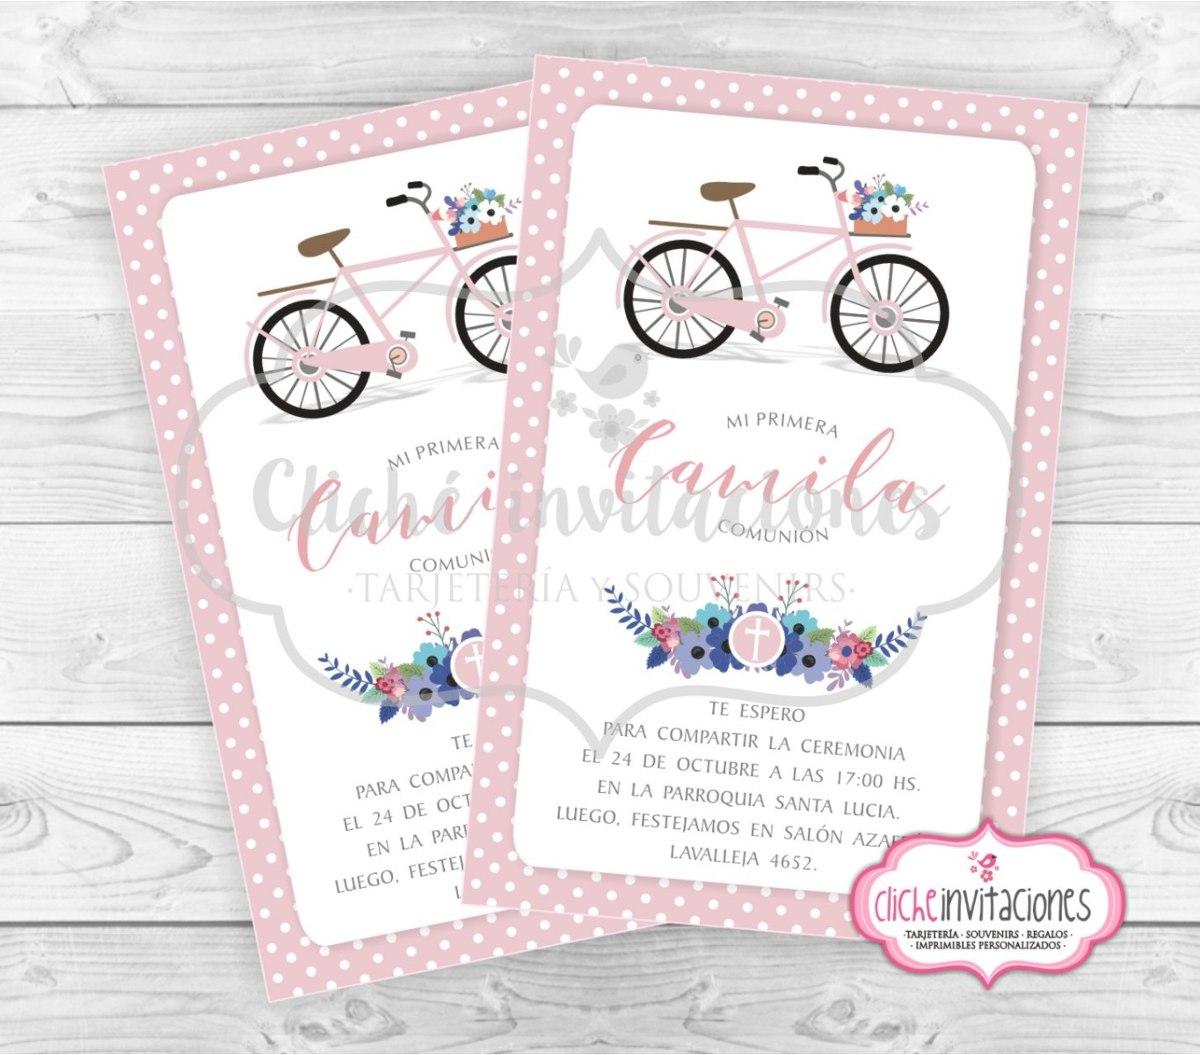 50724d886744c estampitas primera comunión tarjetas invitación souvenir. Cargando zoom.